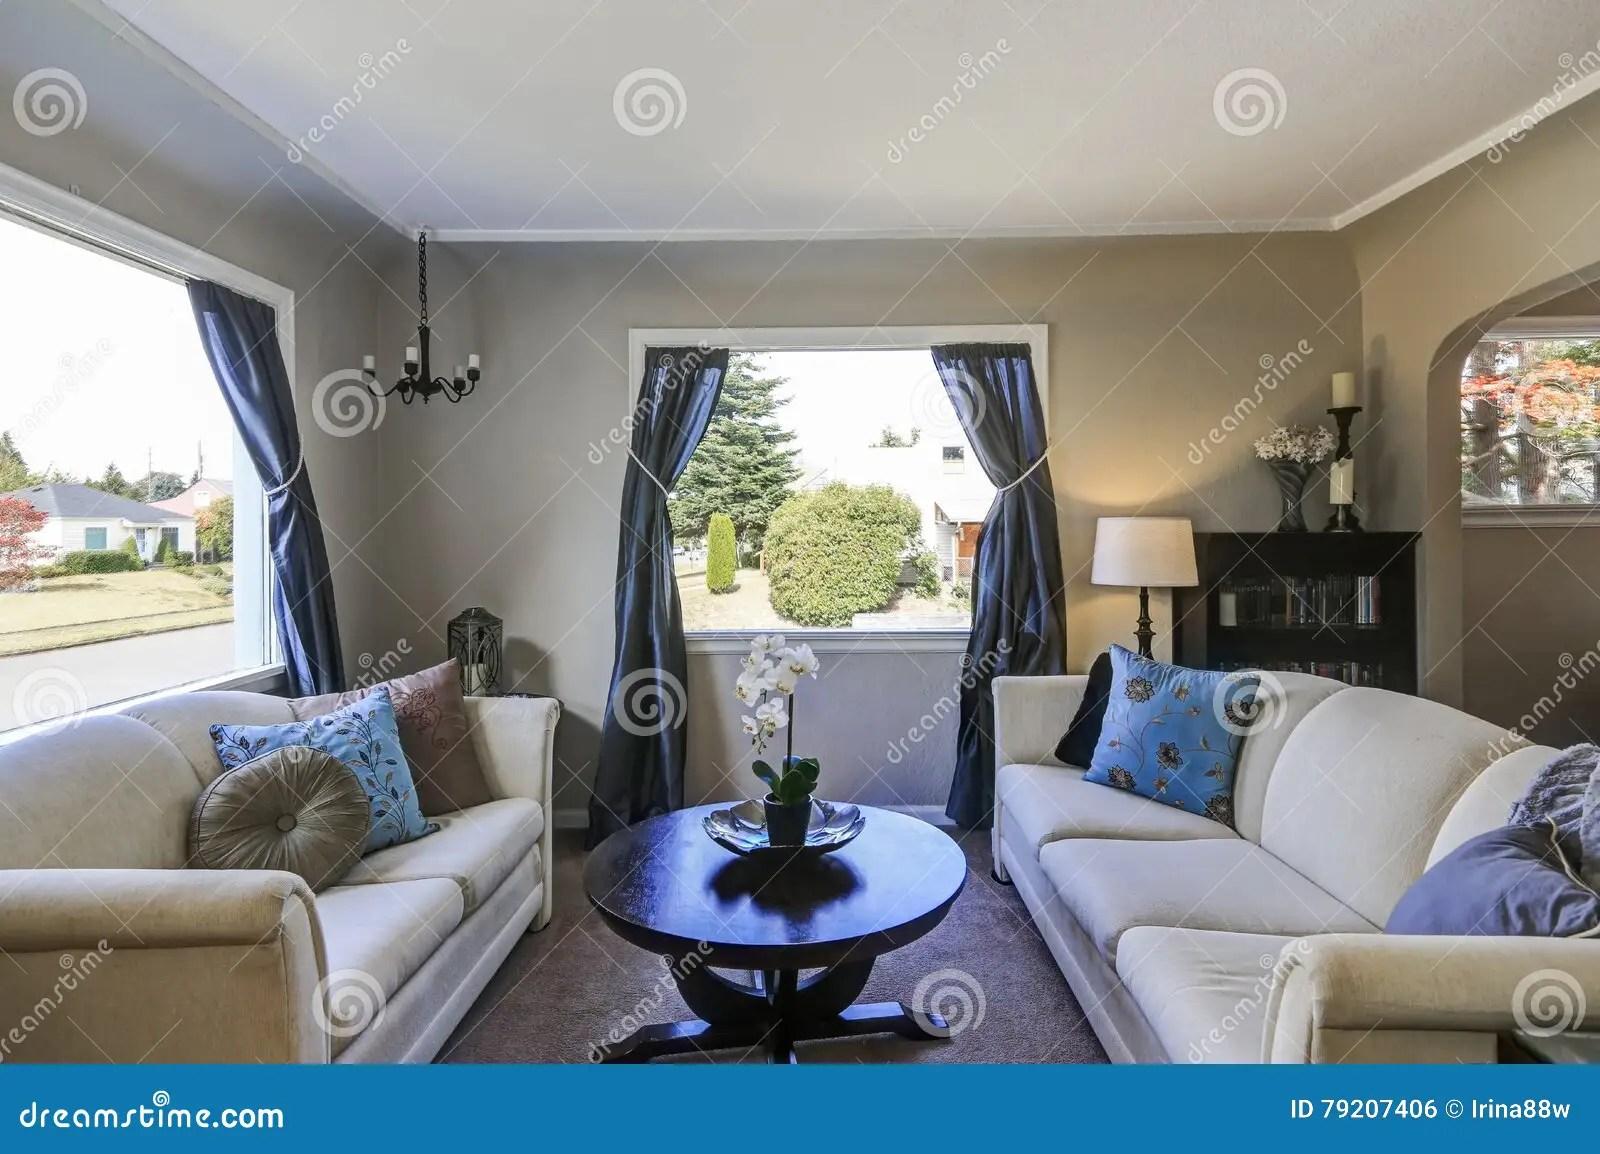 La Maison Interieur | Croquis Interieur Maison Moderne